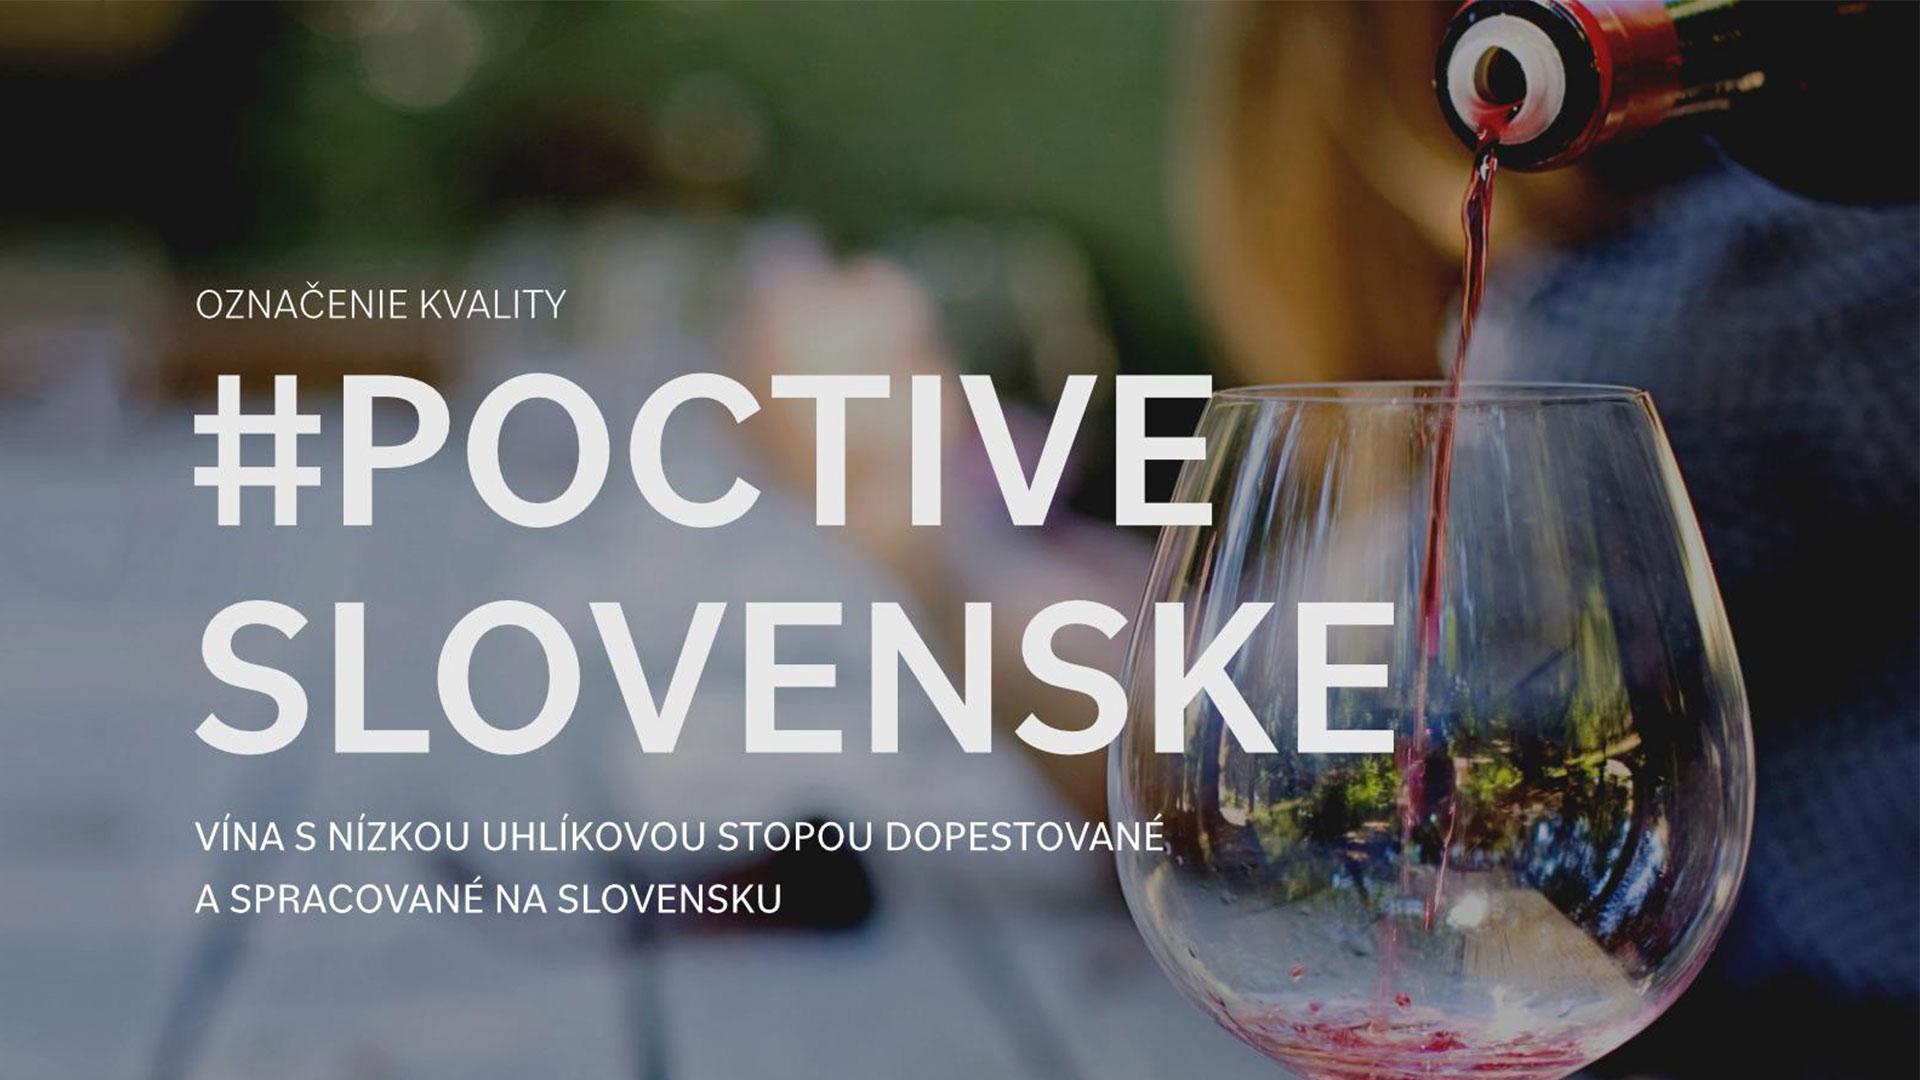 VÍNA S NÍZKOU UHLÍKOVOU STOPOU DOPESTOVANÉ A SPRACOVANÉ NA SLOVENSKU